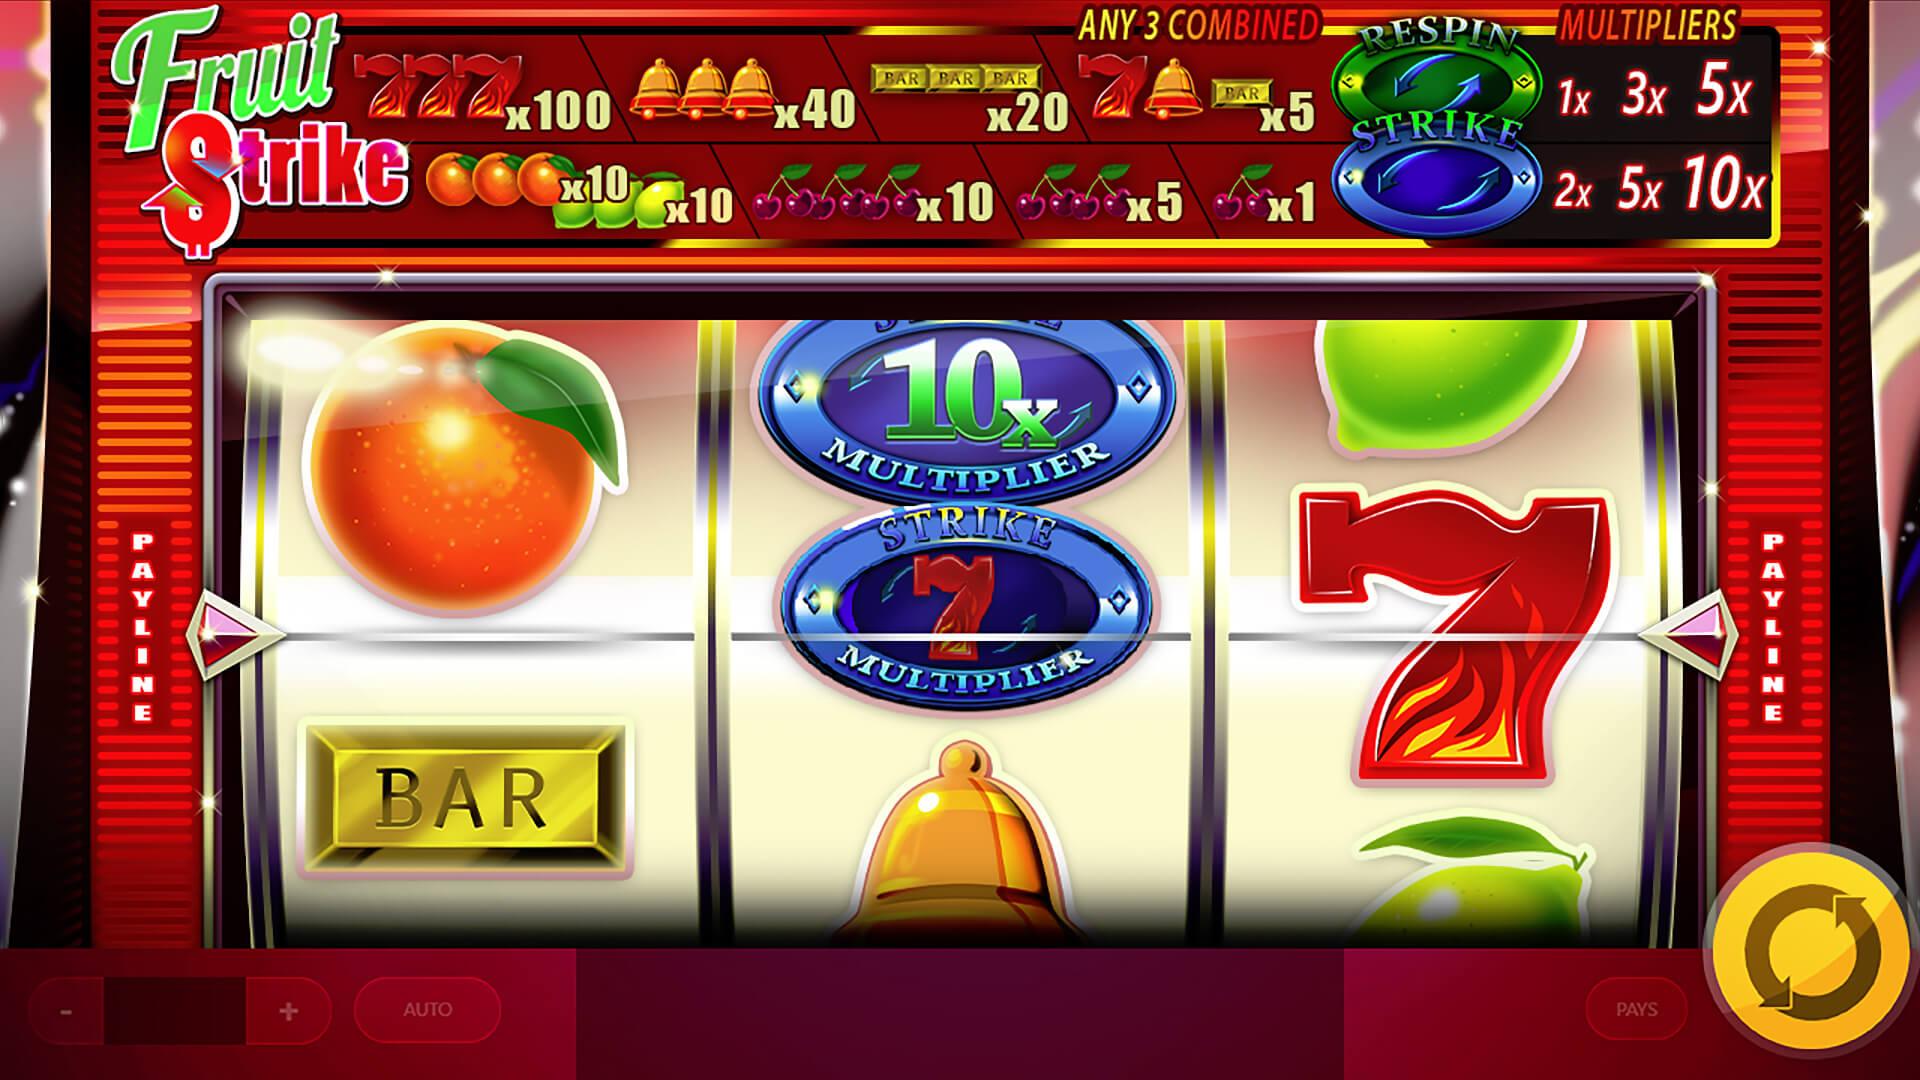 Fruit_Strike_Feature_Strike_2